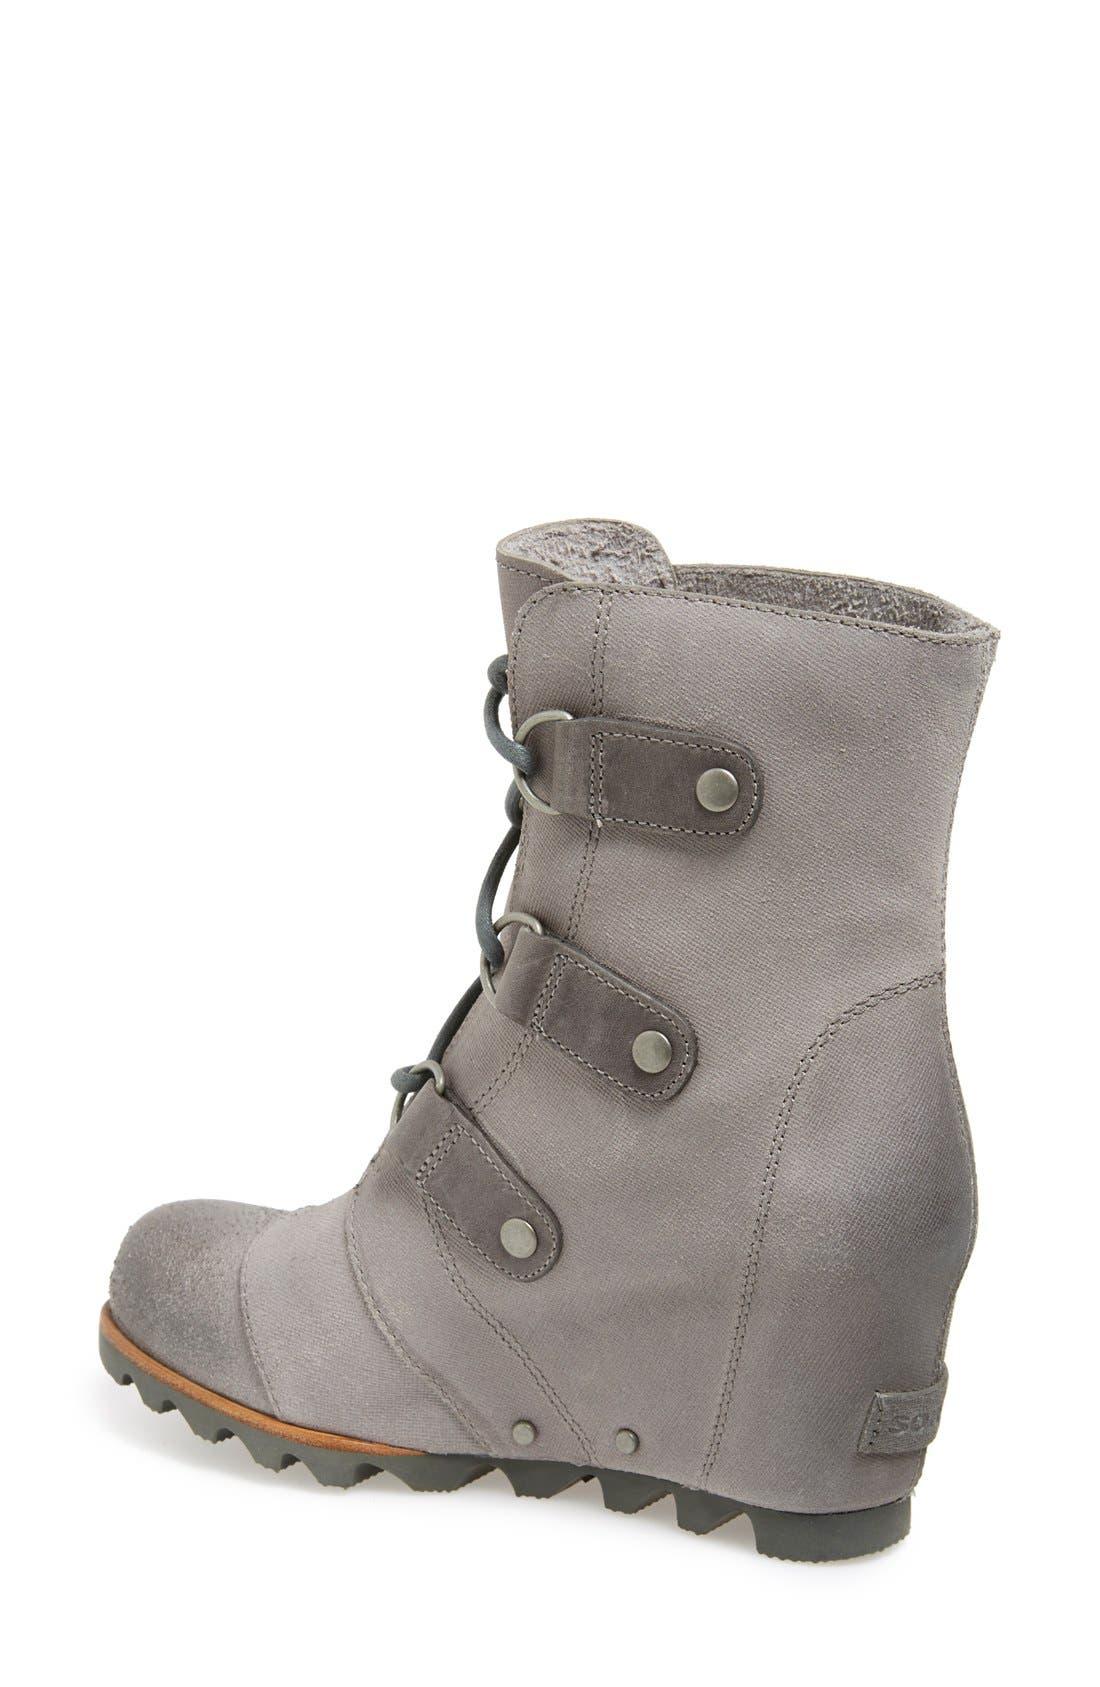 'Joan of Arctic' Waterproof Wedge Boot,                             Alternate thumbnail 13, color,